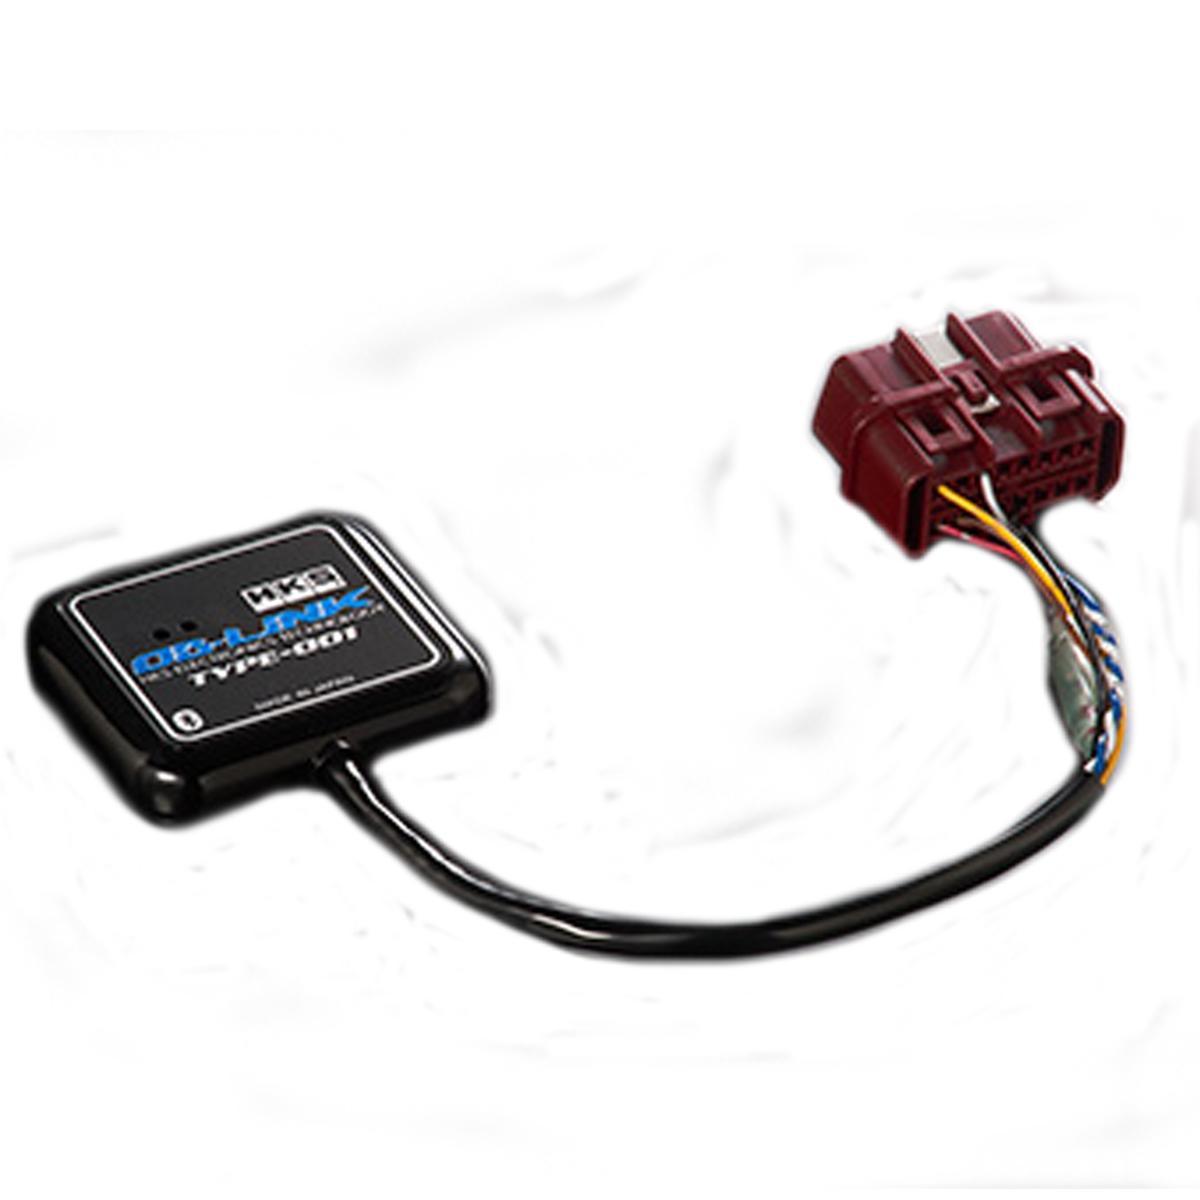 プリメーラ カミノ ワゴン モニター OBリンク タイプ 001 WHP11 HKS 44009-AK002 エレクトリニクス